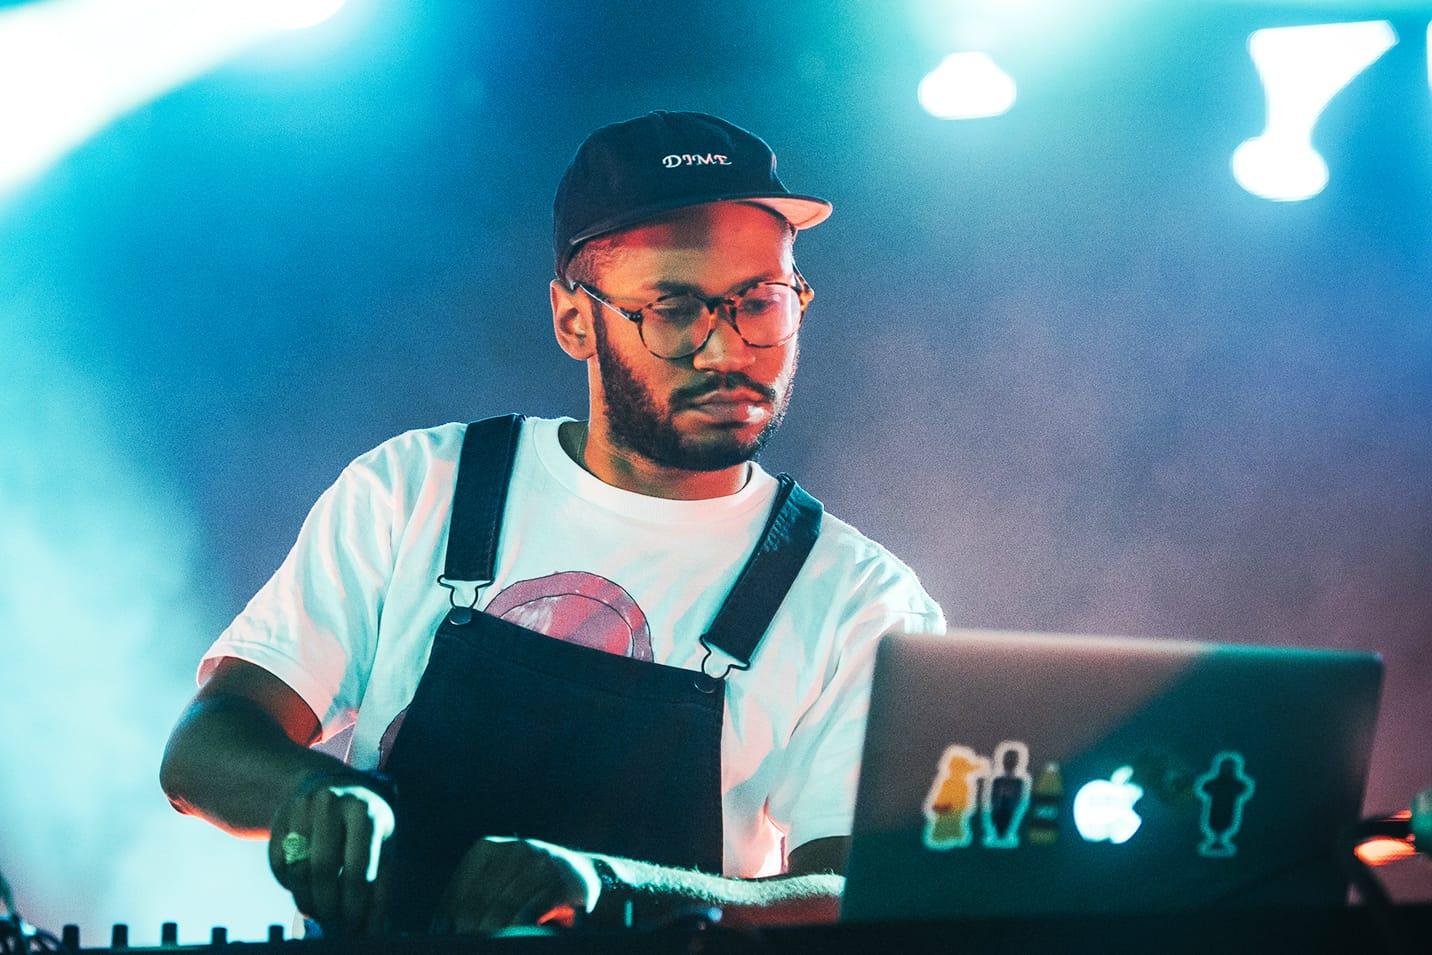 Best New Tracks SOB x RBE Quavo Bones Kaytranada Lil Uzi Vert Stimulator Jones Gunna Yung Bans Lil Tracy